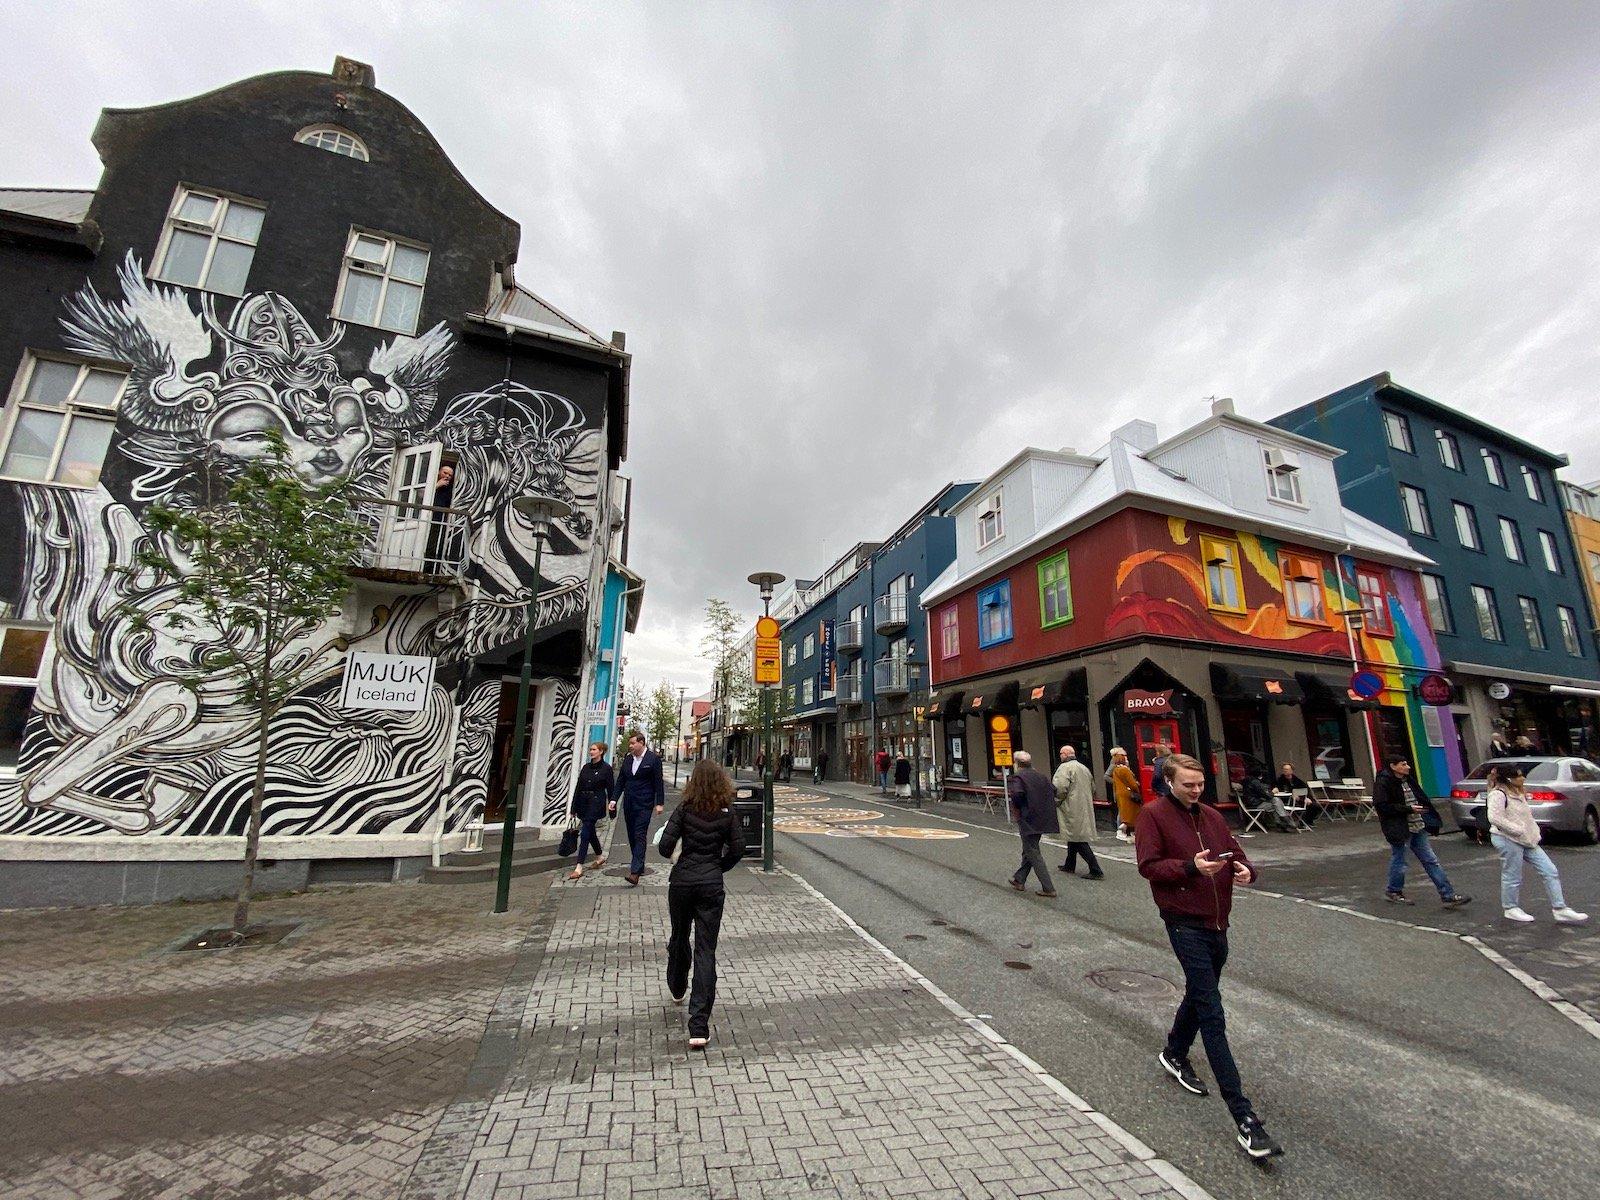 City view of Reykjavík.